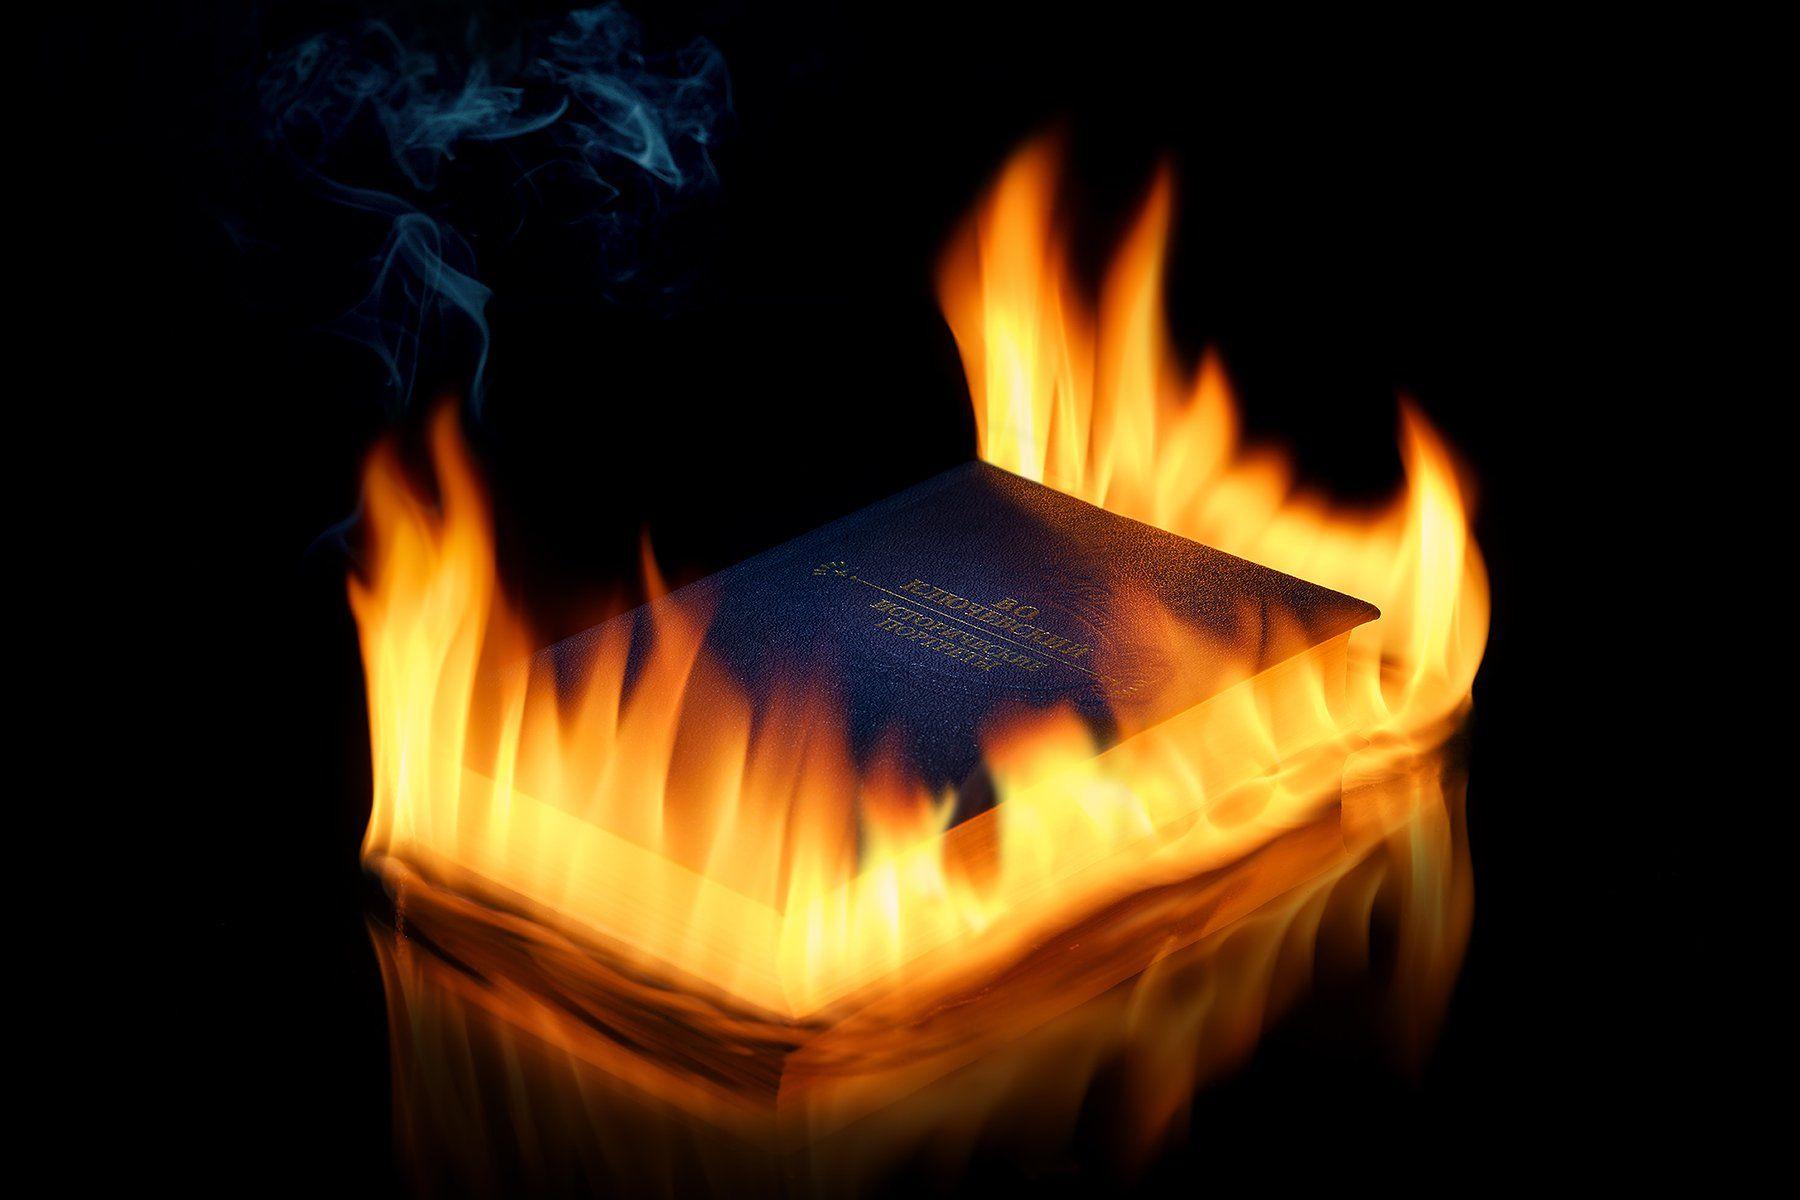 огонь, пламя, книга, предметная фотография, черный фон, дым, Olga ЯR